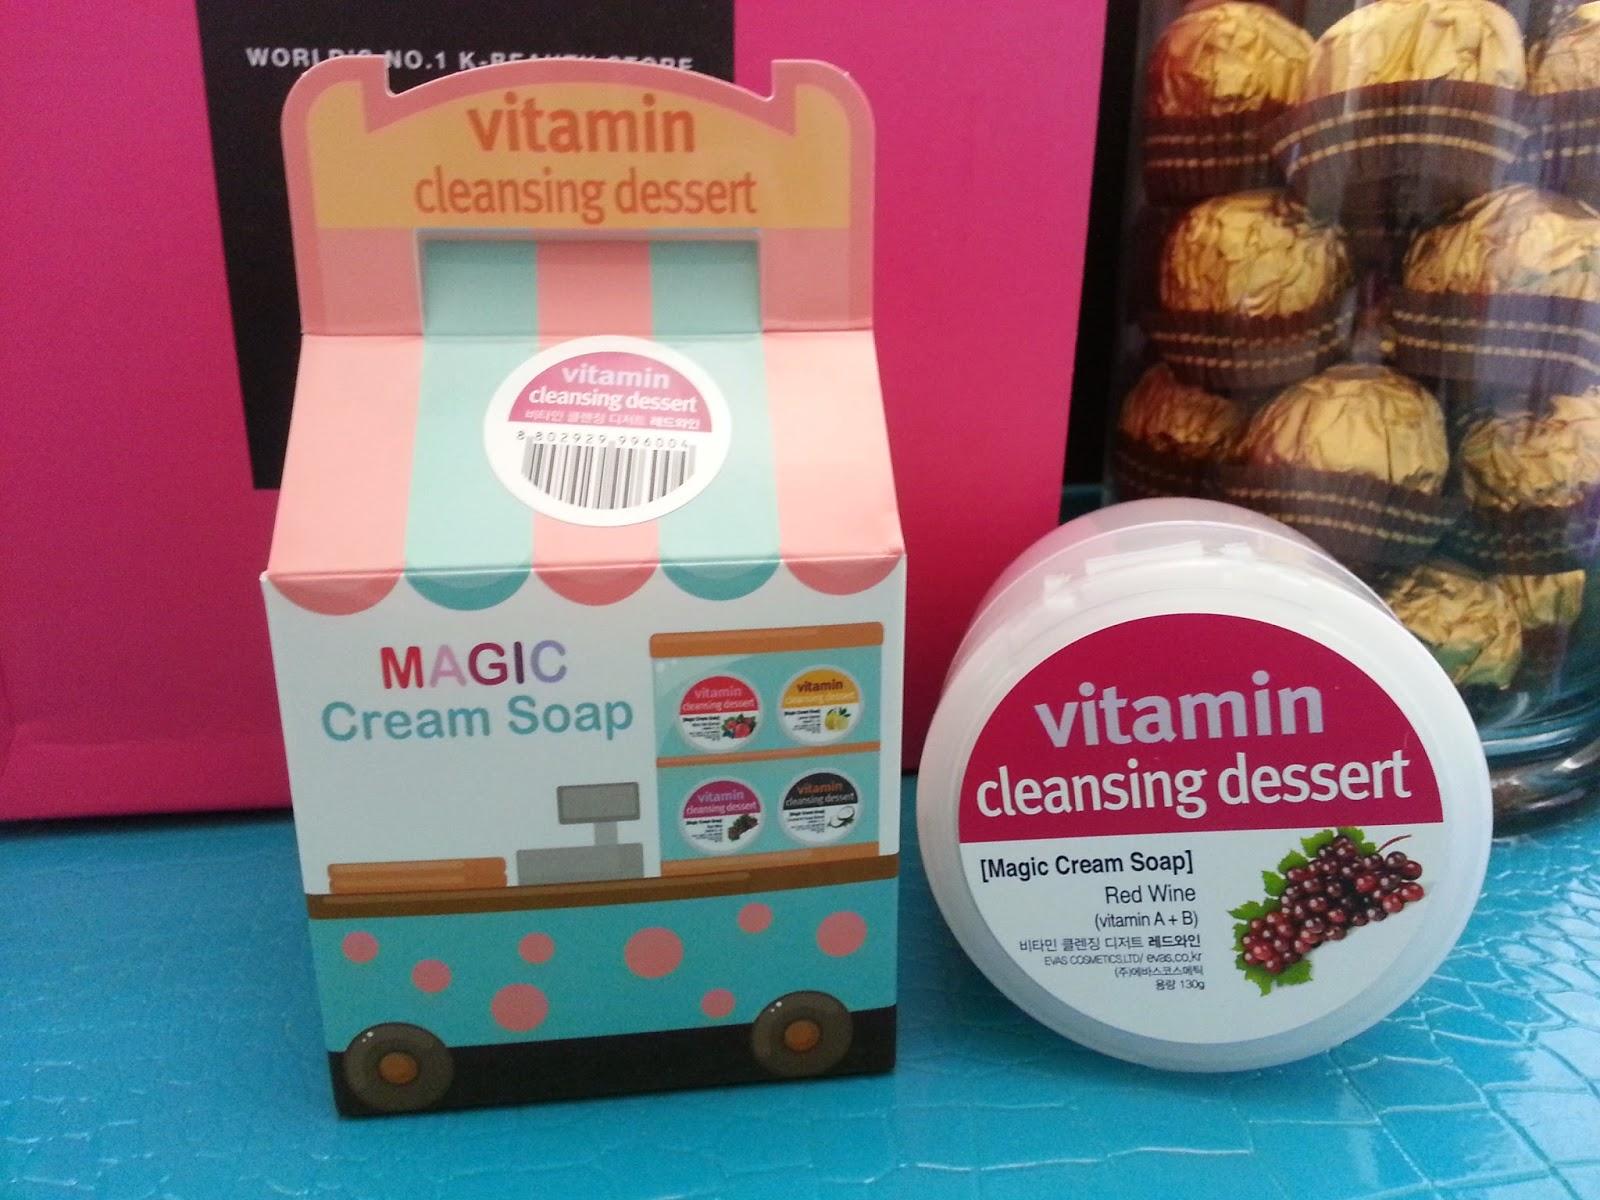 Evas Cosmetics Vitamin Cleansing Dessert